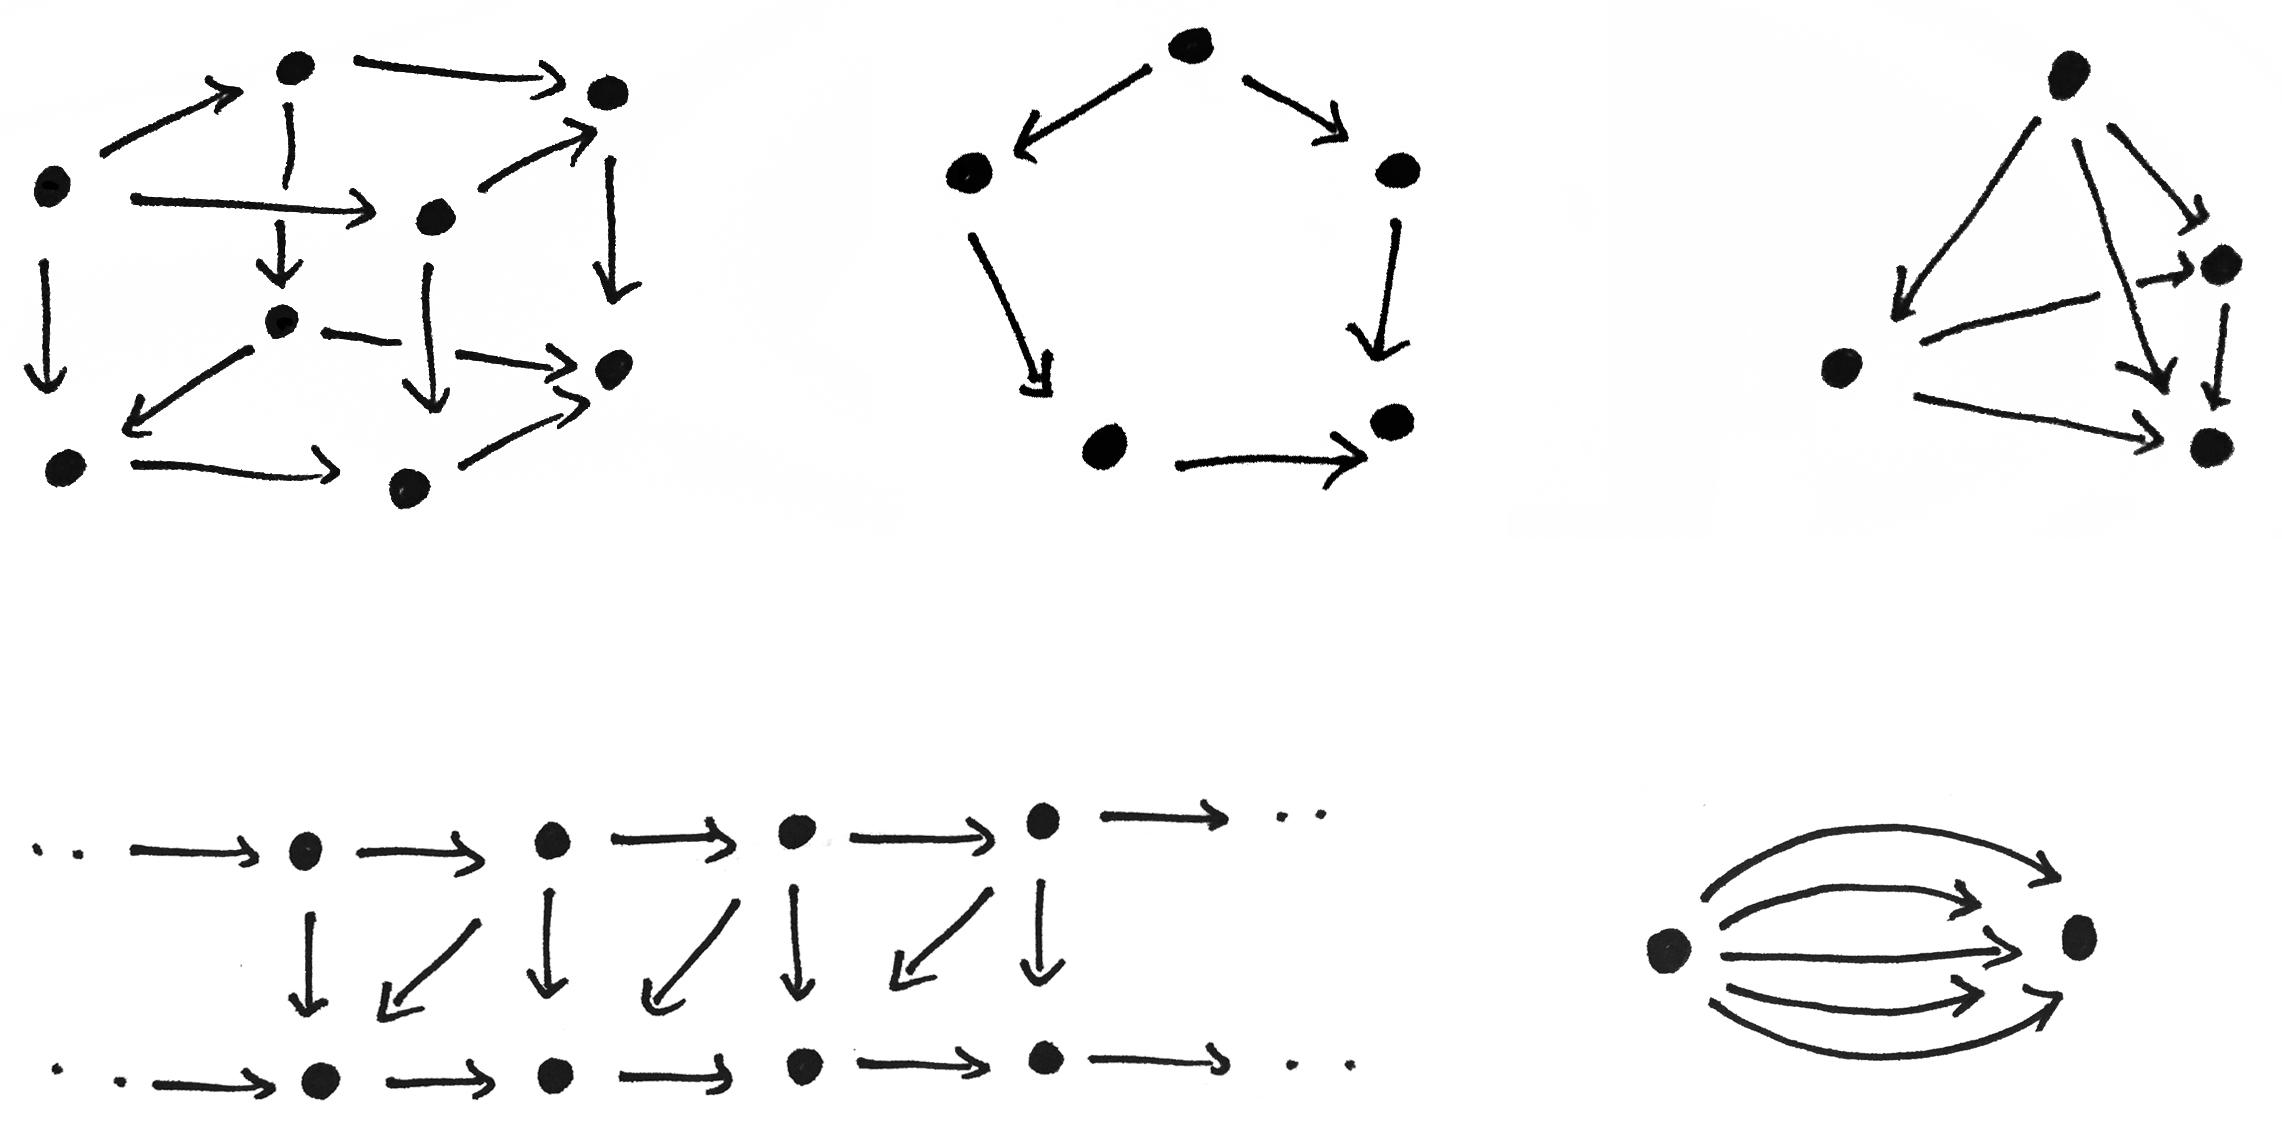 Commutative Diagrams Explained